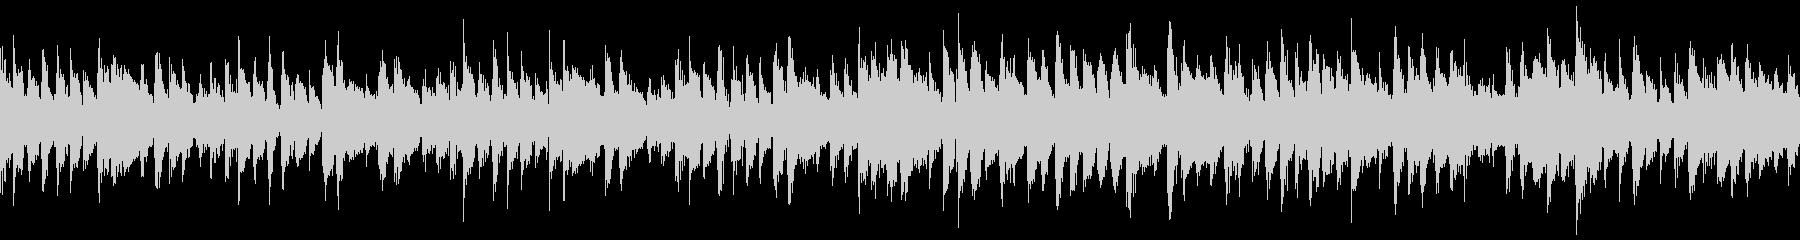 【ループ/30秒】ギター生演奏ボサノバの未再生の波形